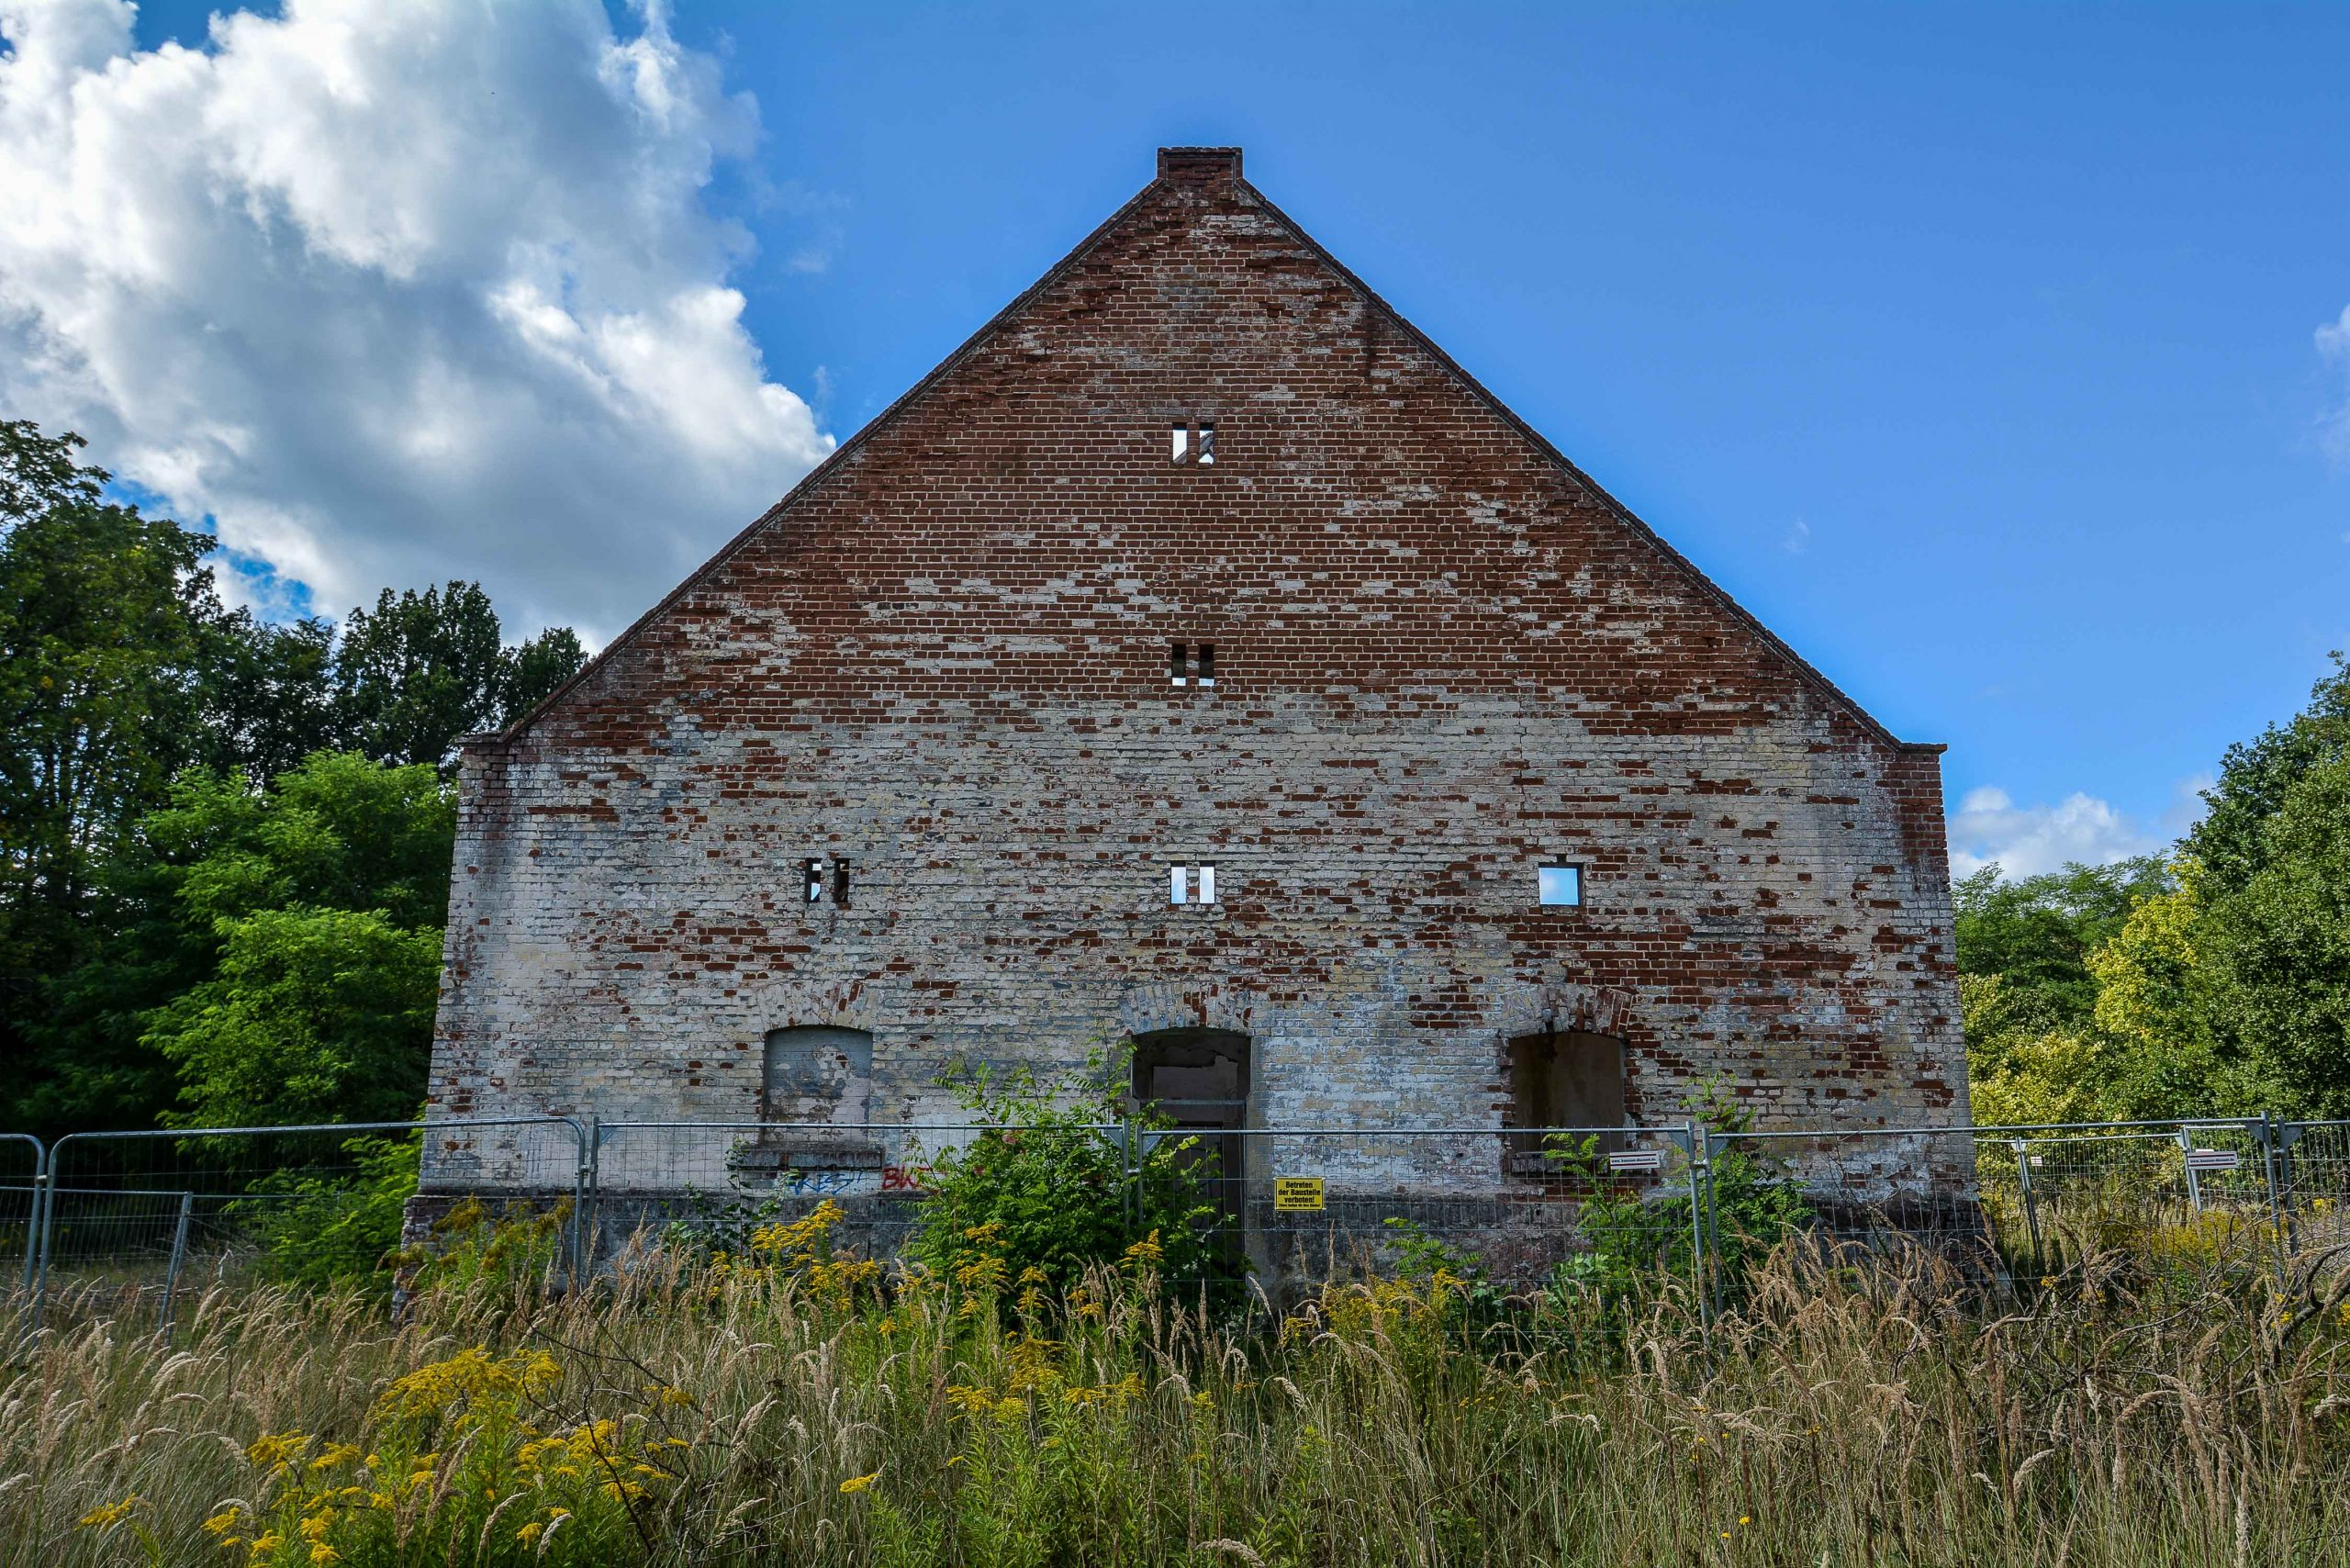 front stable pferdestall architektur historischer orientalismus herrenhaus gentzrode lost places brandenburg neuruppin gut gentzrode ost deutschland urbex abandoned